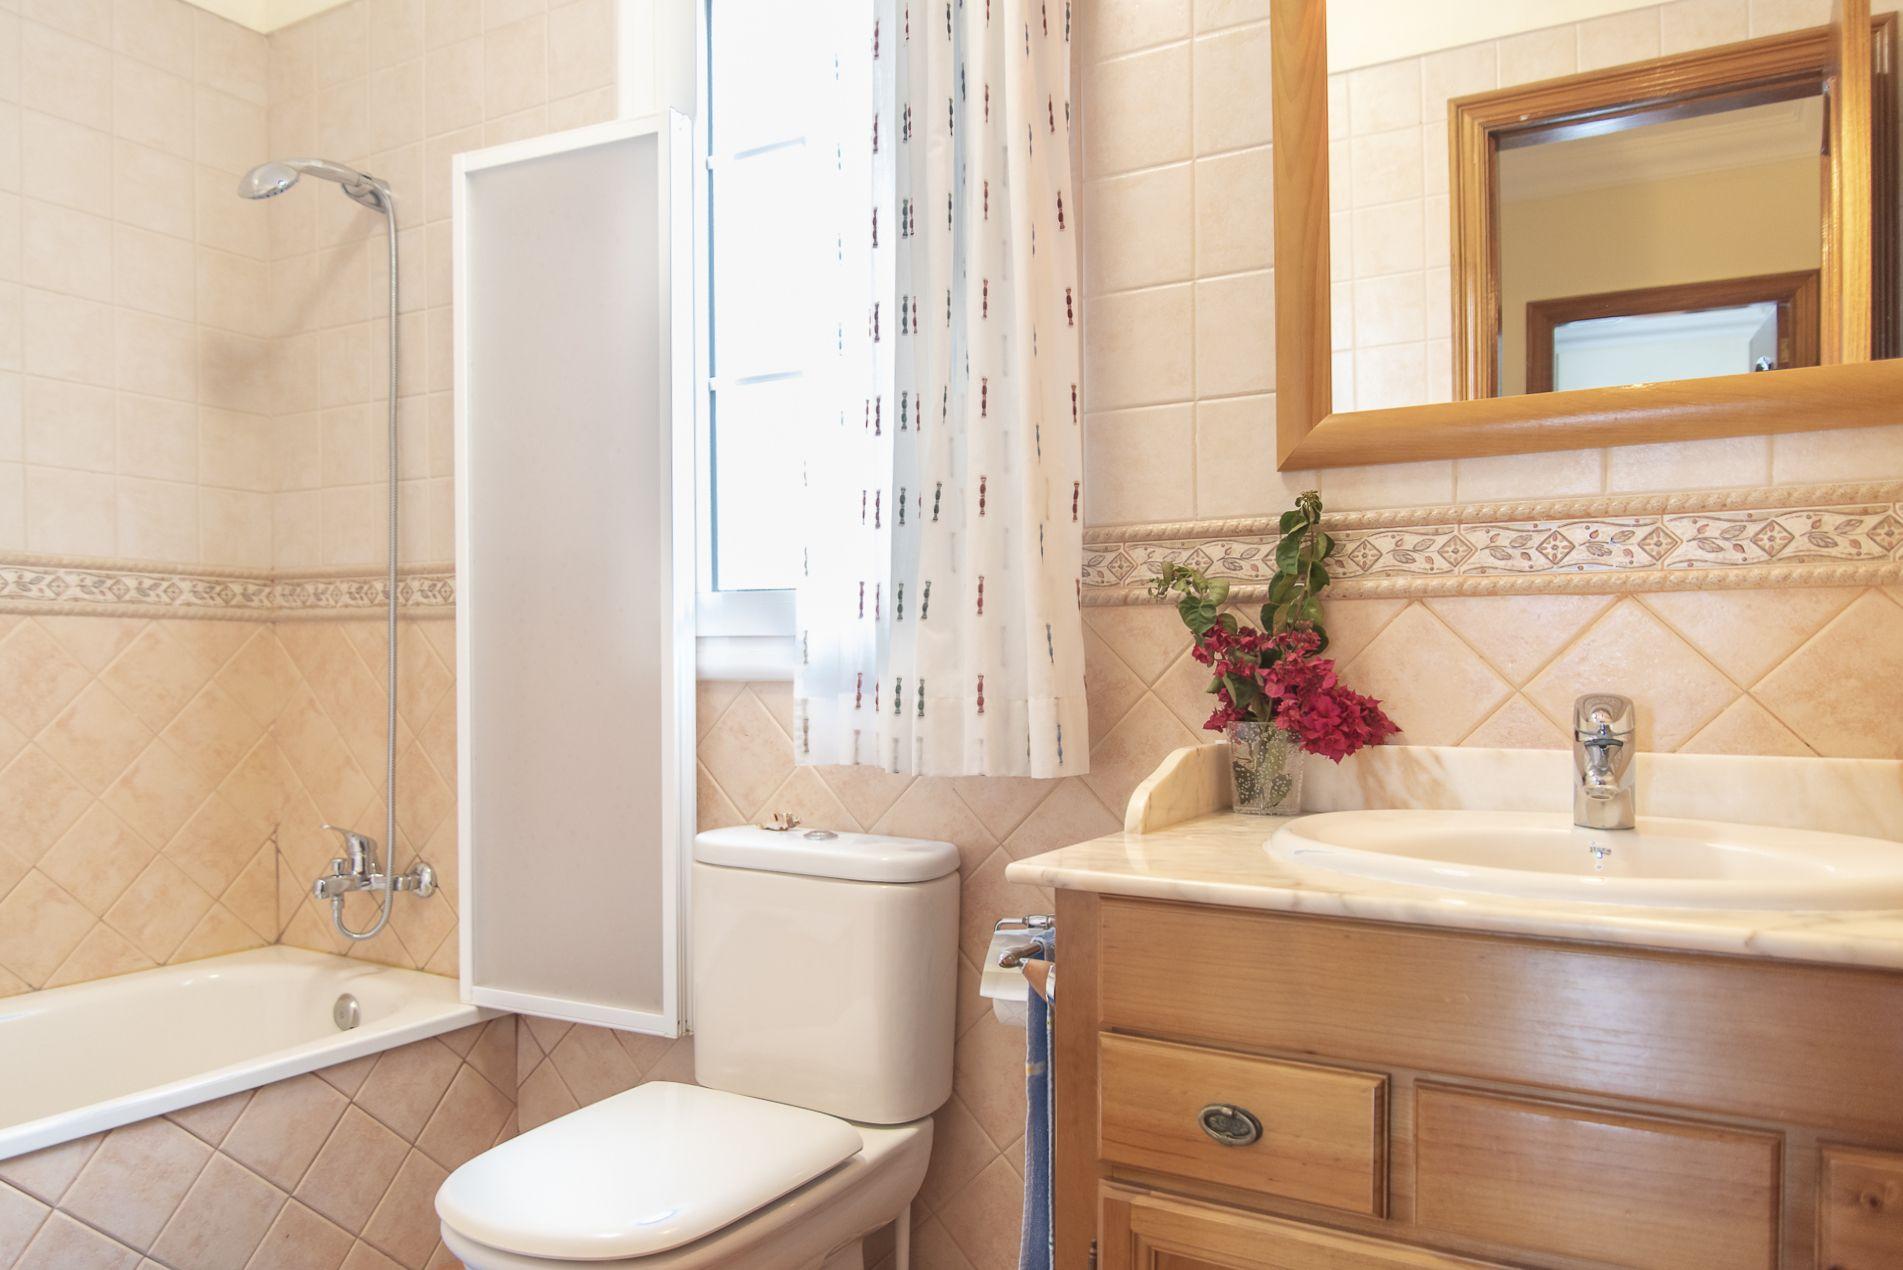 La Casa Azul - Tegueste. Baño 2 planta alta